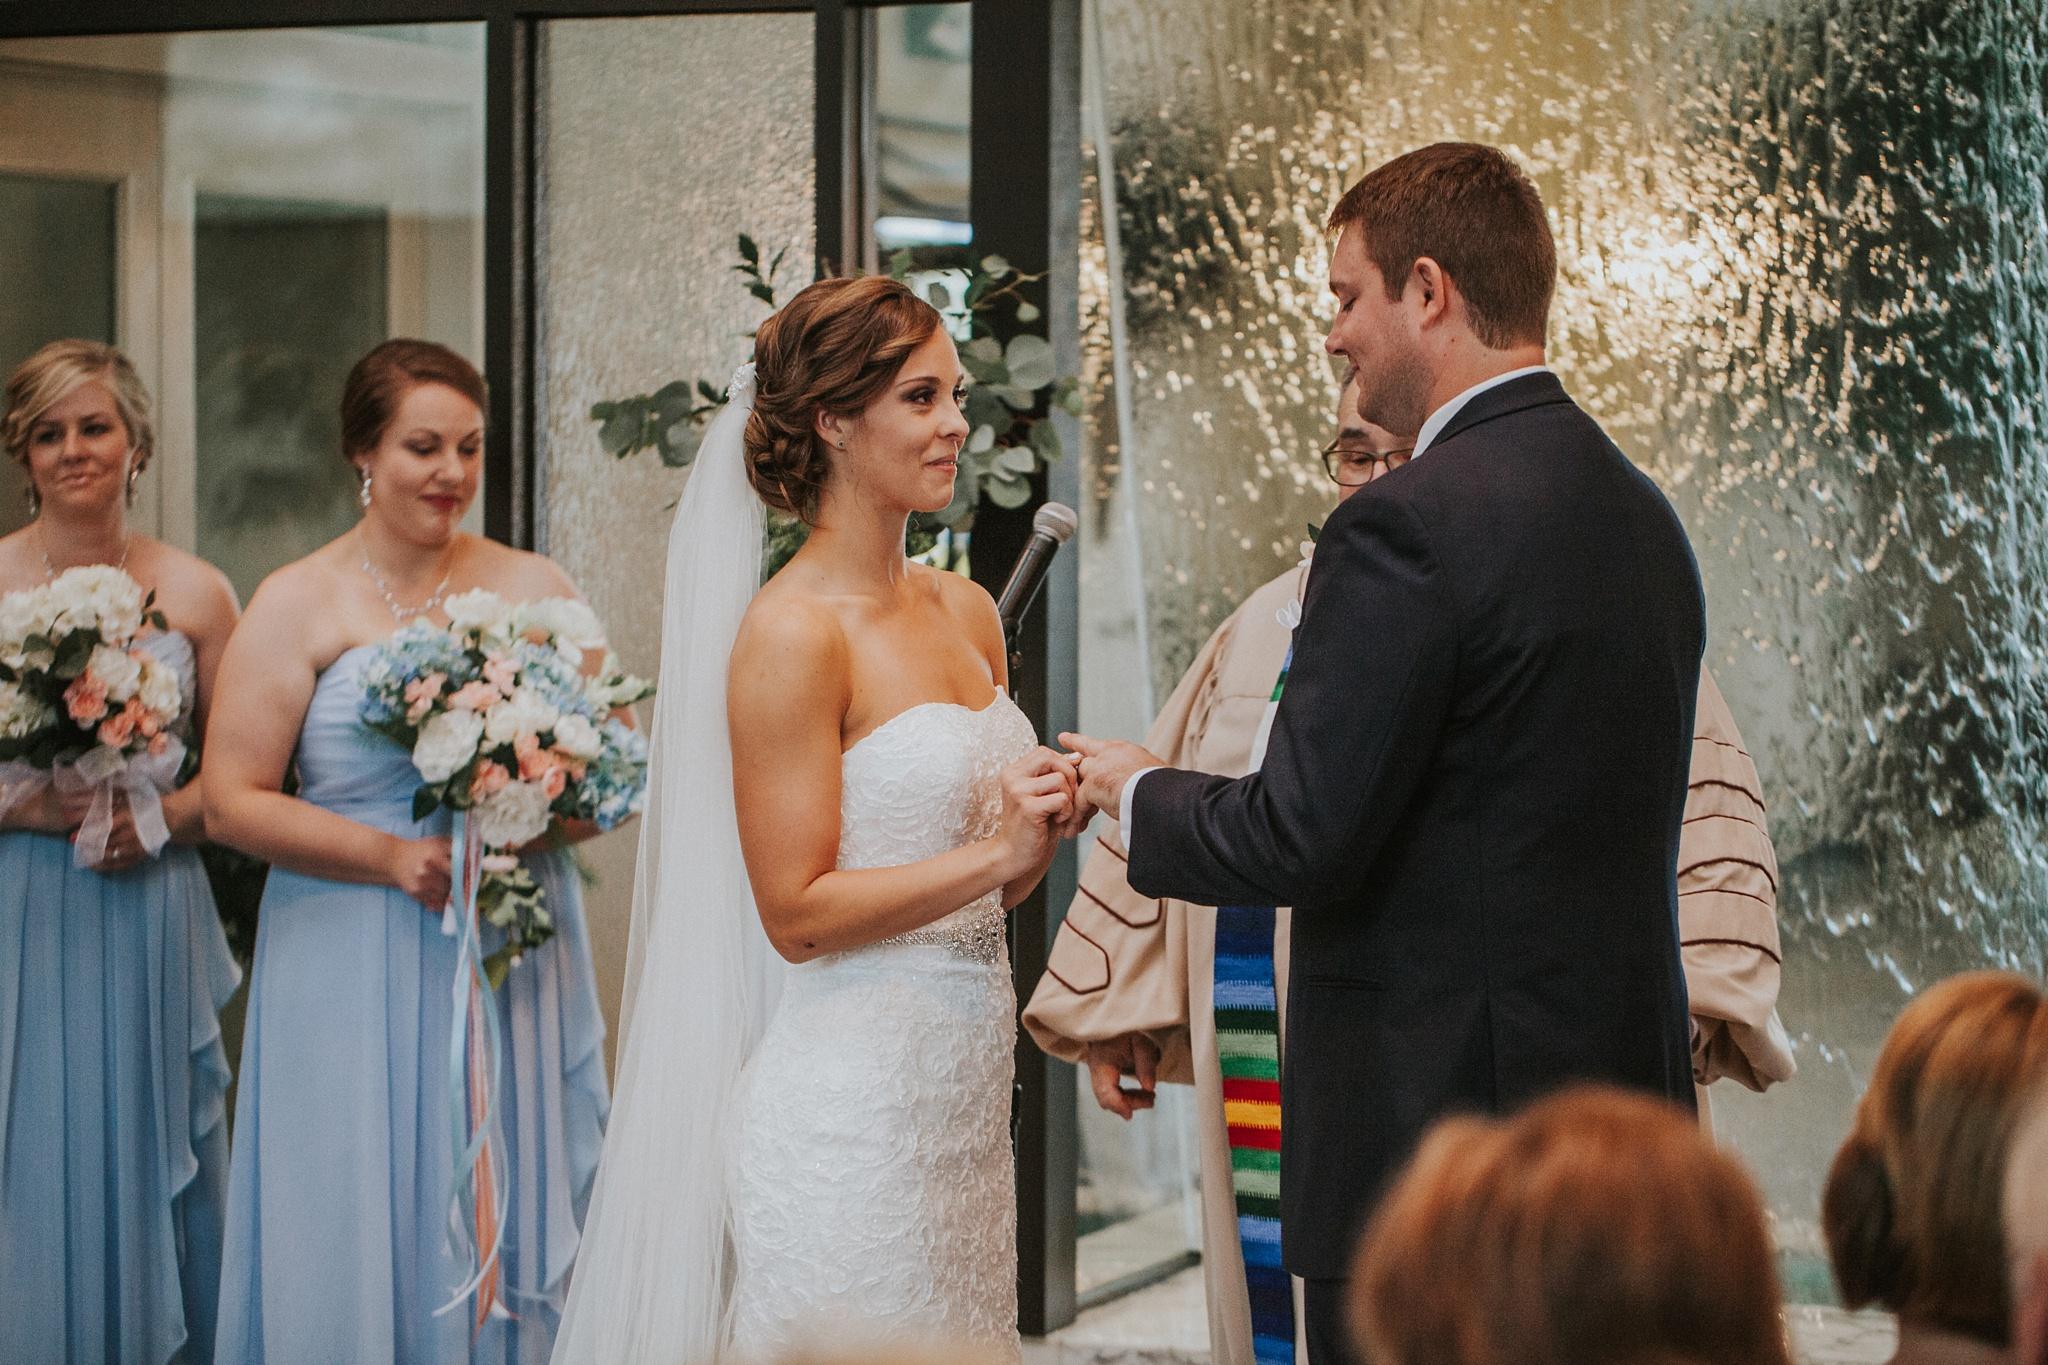 Bride-Groom-Indiana-Wedding-Photography